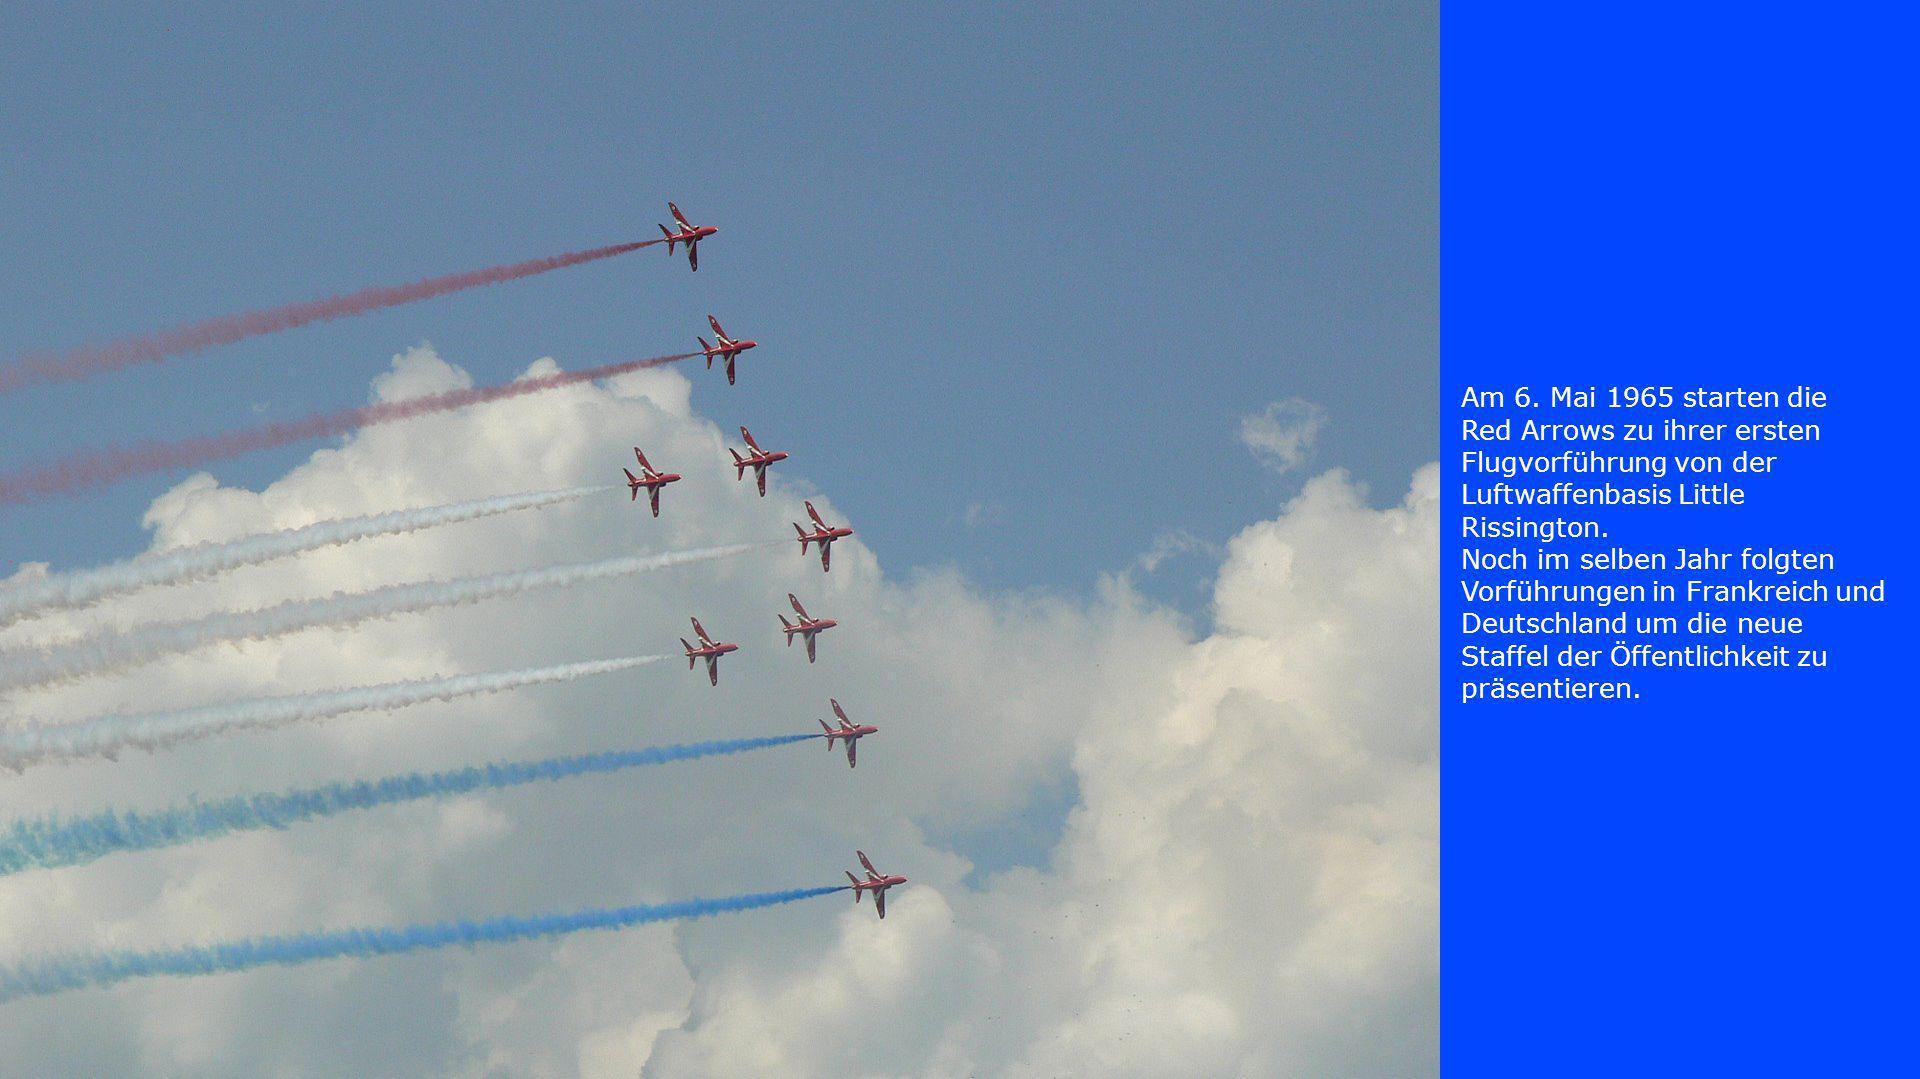 Am 6. Mai 1965 starten die Red Arrows zu ihrer ersten Flugvorführung von der Luftwaffenbasis Little Rissington.